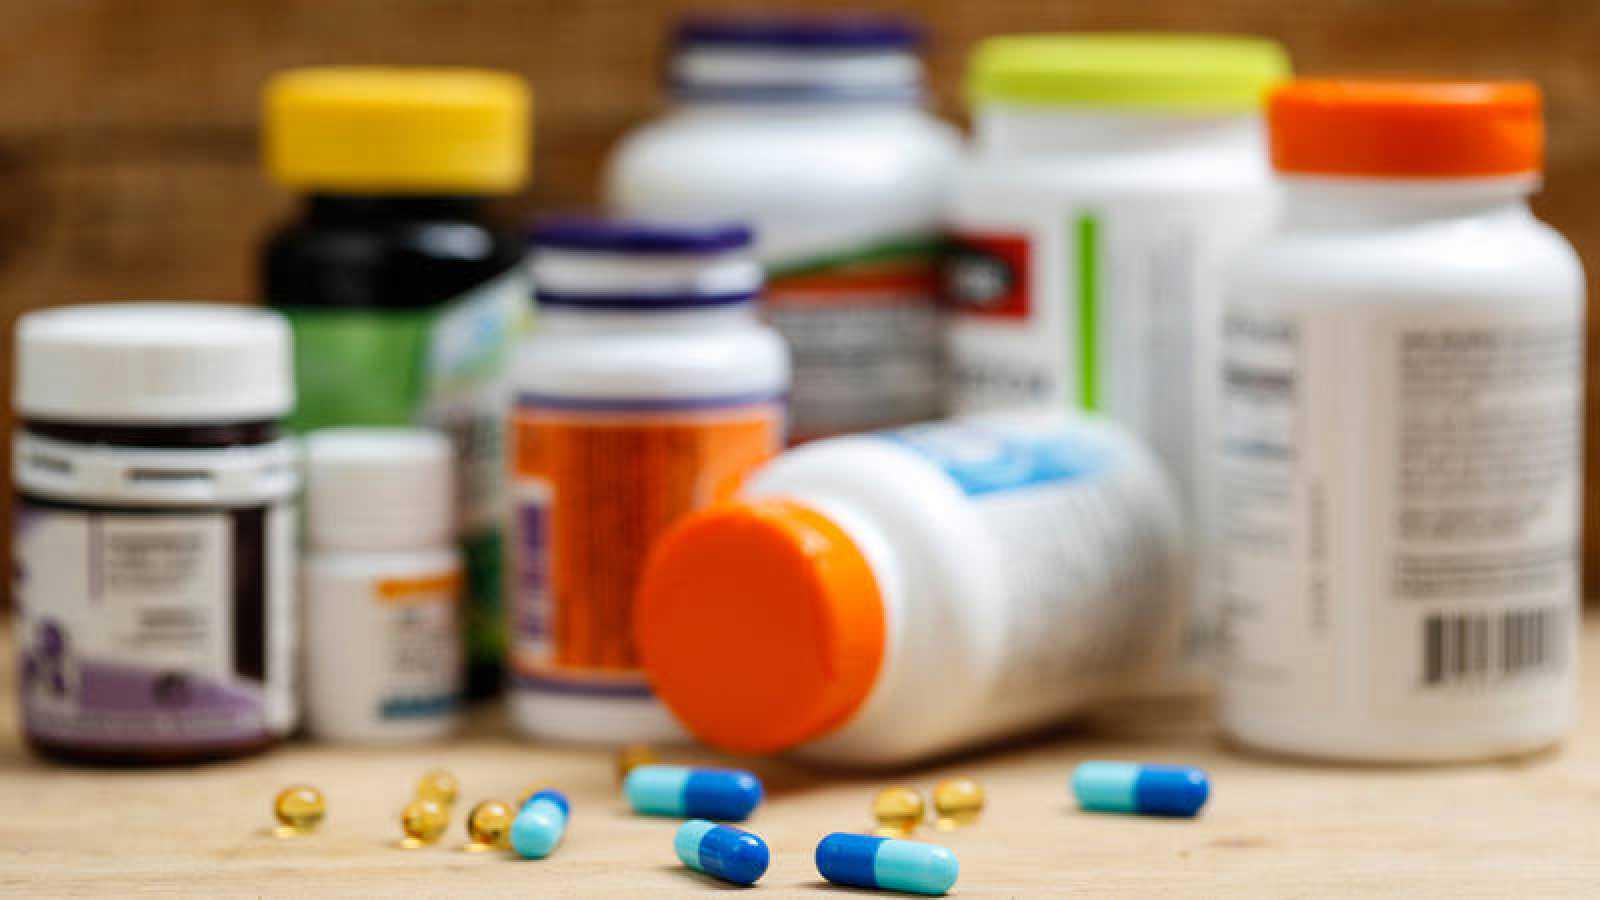 El estudio no ha encontrado ninguna asociación entre tomar suplementos multivitamínicos y minerales y un menor riesgo de muerte por enfermedades cardiovasculares.